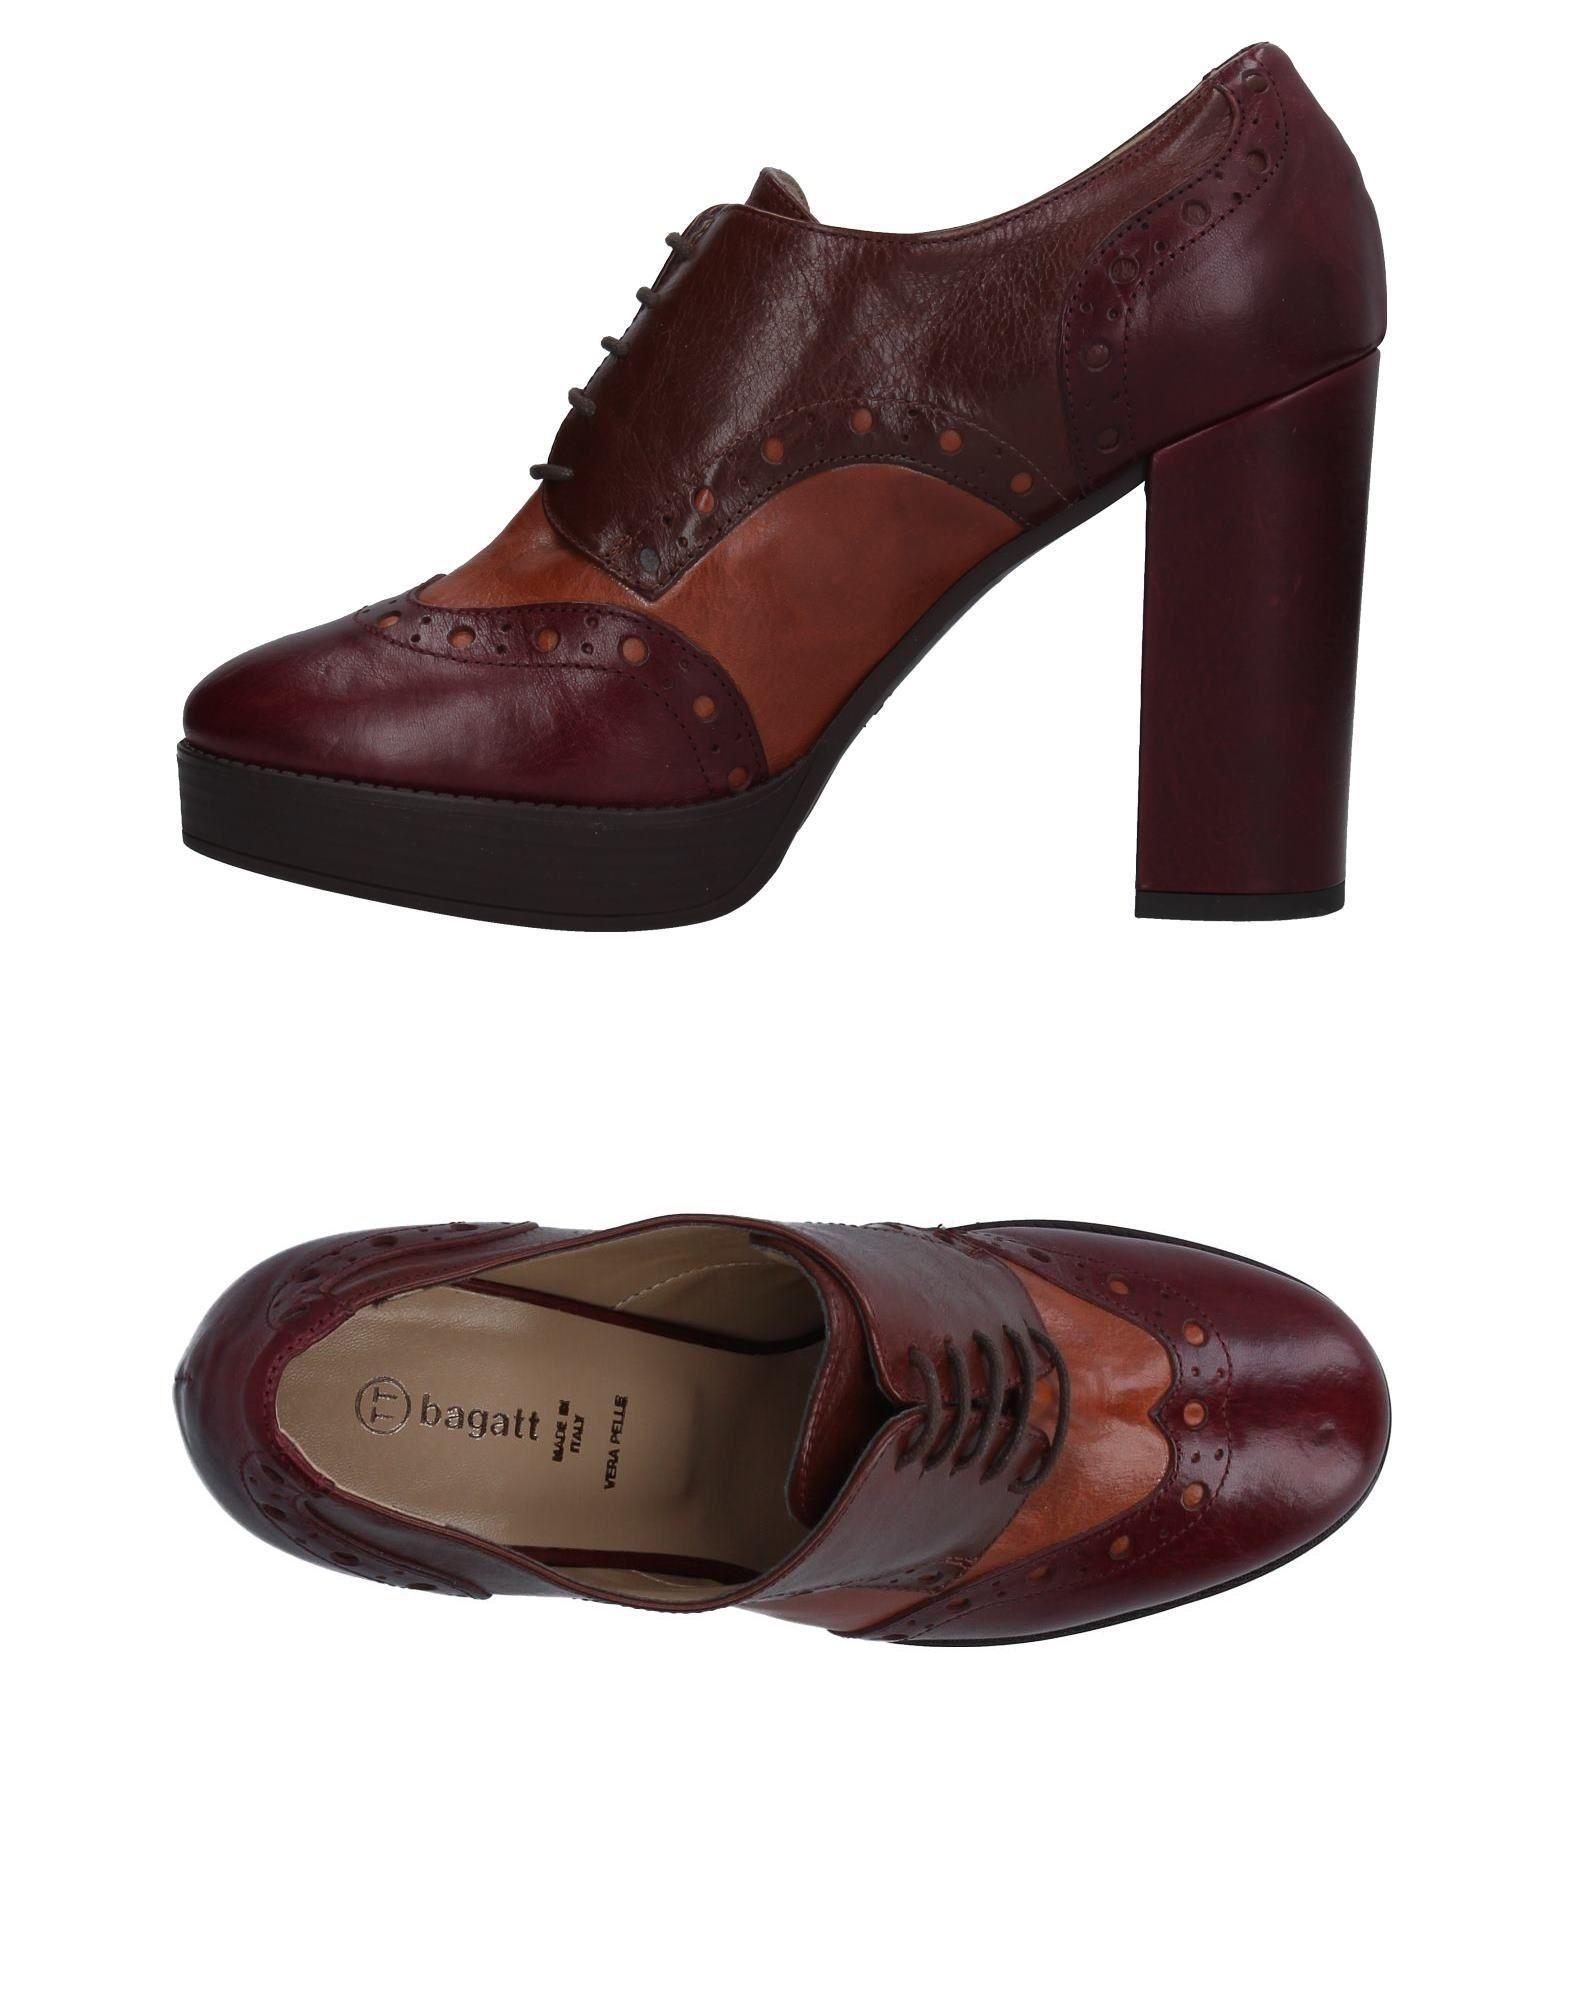 Bagatt Schnürschuhe Damen  11283238NF Gute Qualität beliebte Schuhe